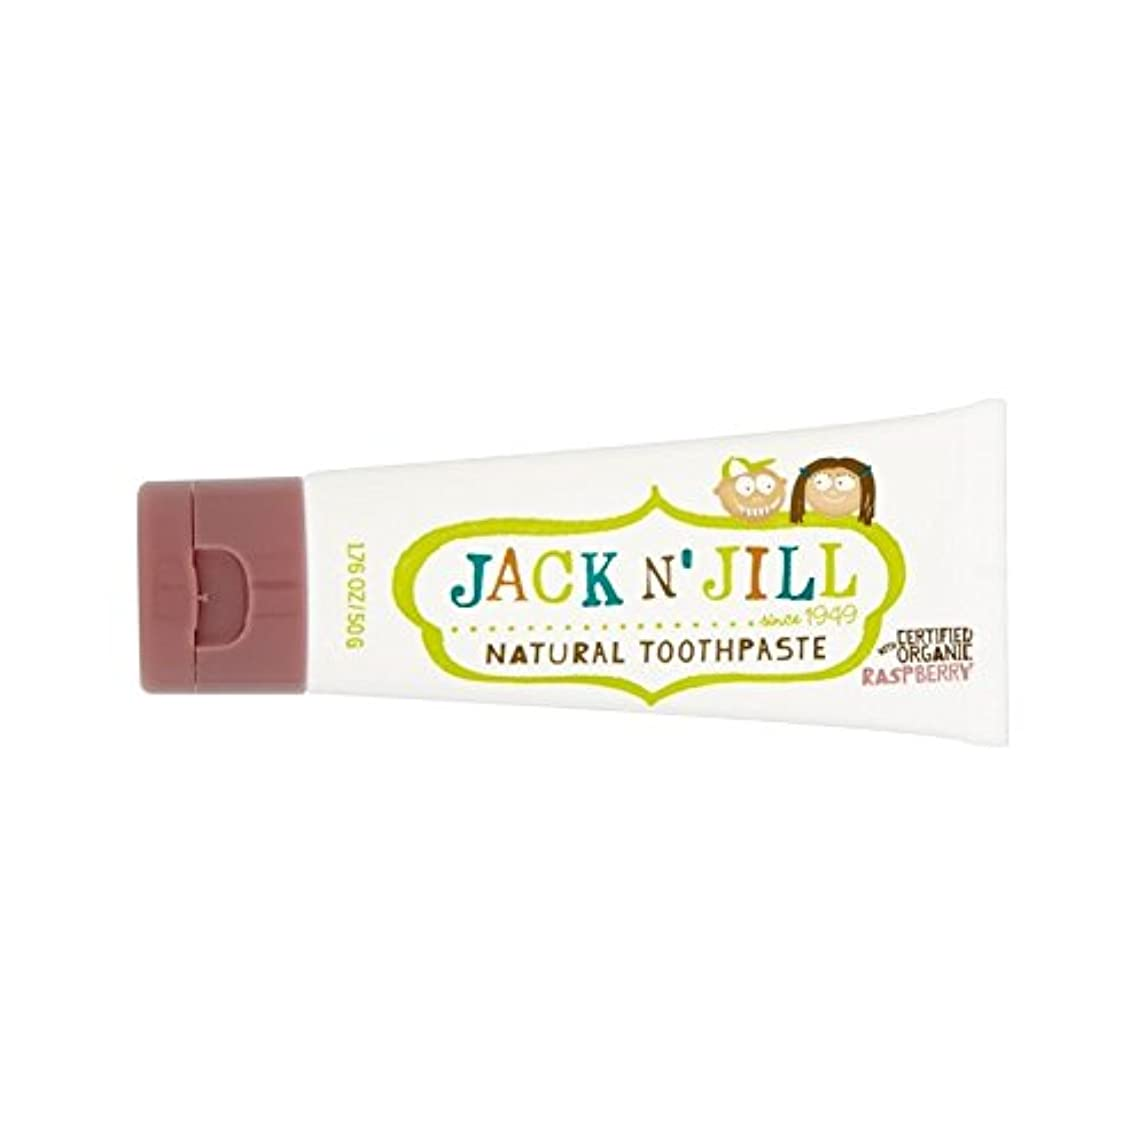 主要な生隠す有機香味50グラム天然ラズベリー歯磨き粉 (Jack N Jill) (x 4) - Jack N' Jill Raspberry Toothpaste Natural with Organic Flavouring 50g (Pack of 4) [並行輸入品]